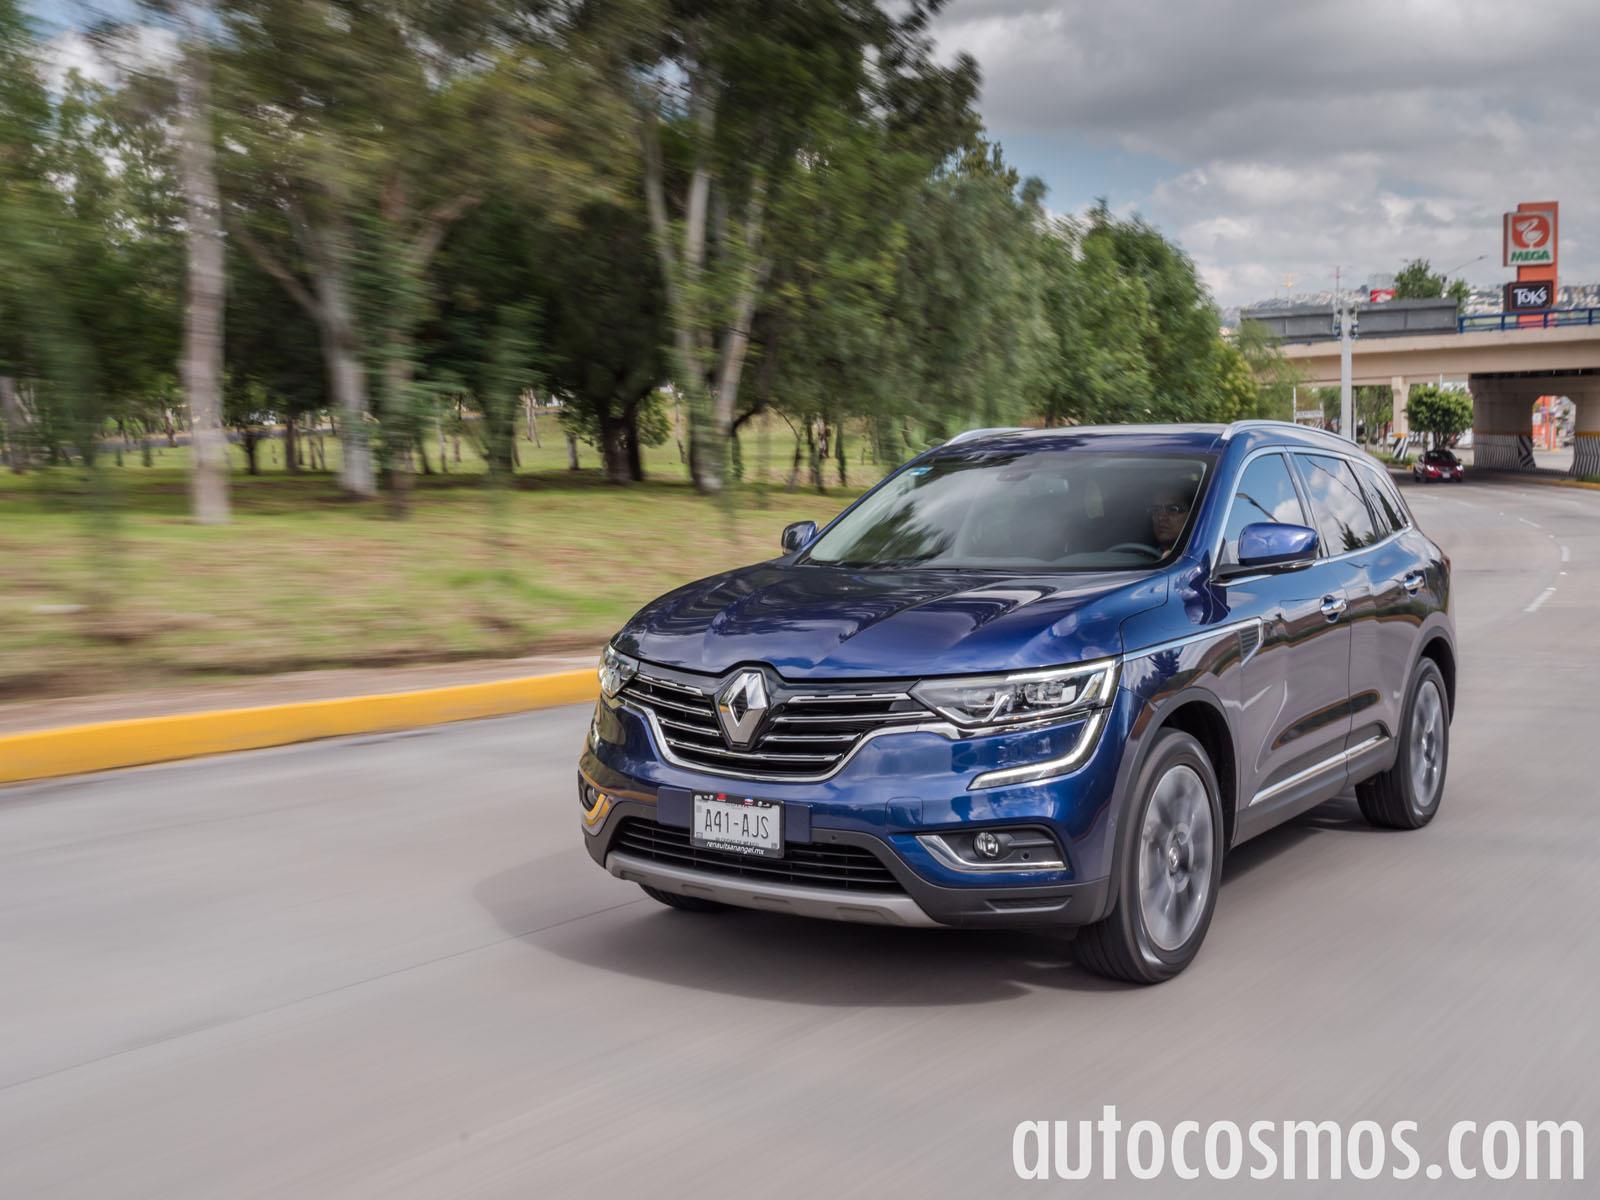 Renault Koleos 2017 A Prueba Autocosmos Com